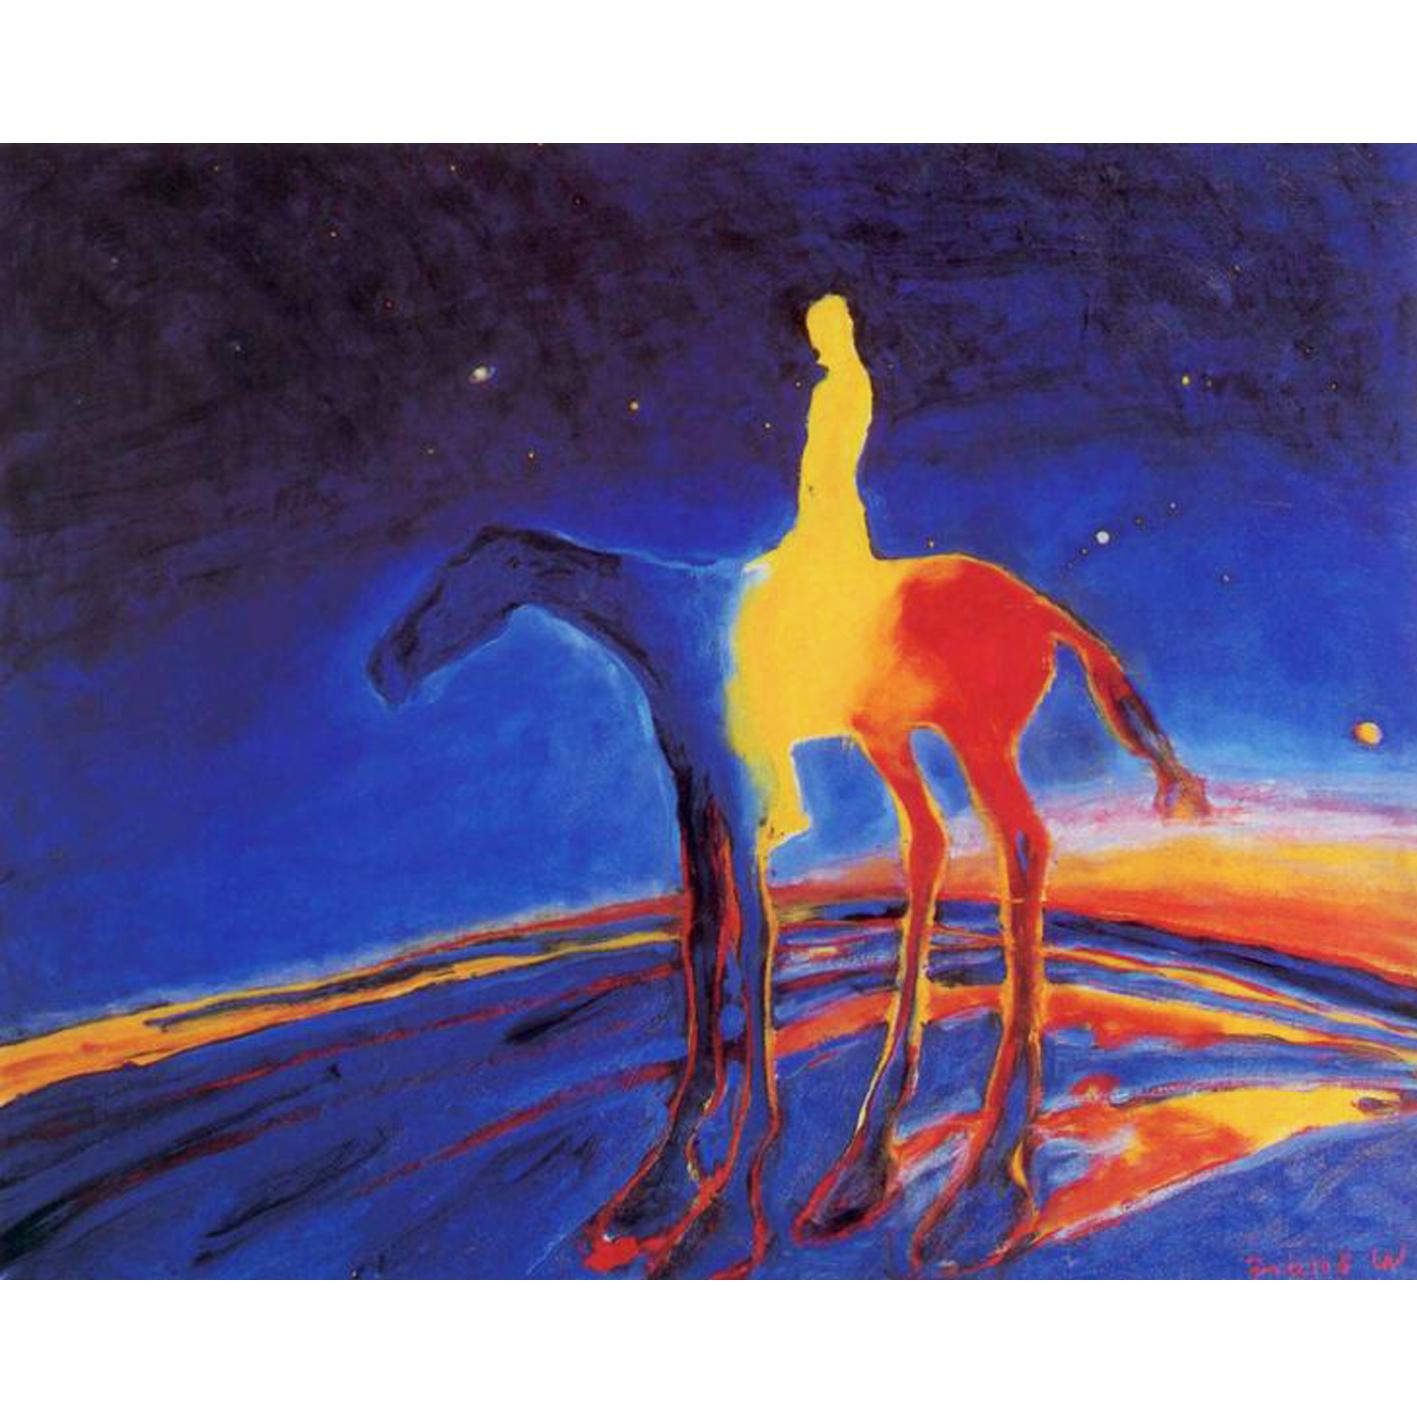 'Himmelrytteren' by Frans Widerberg